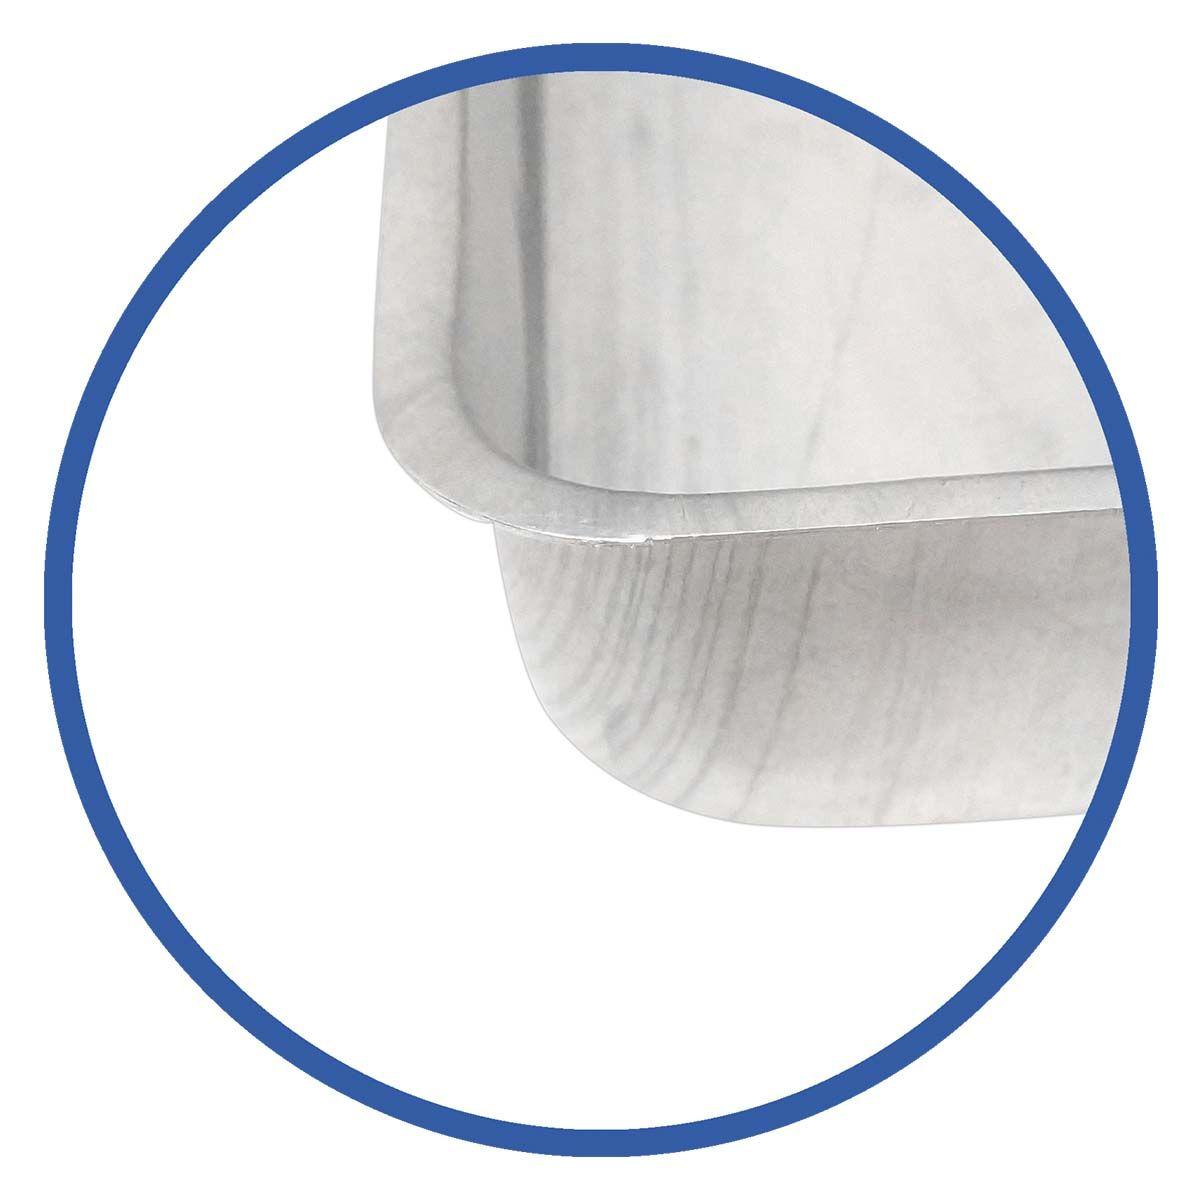 Assadeira De Alumínio Retangular N4 30X43 - Alumínio São Jorge